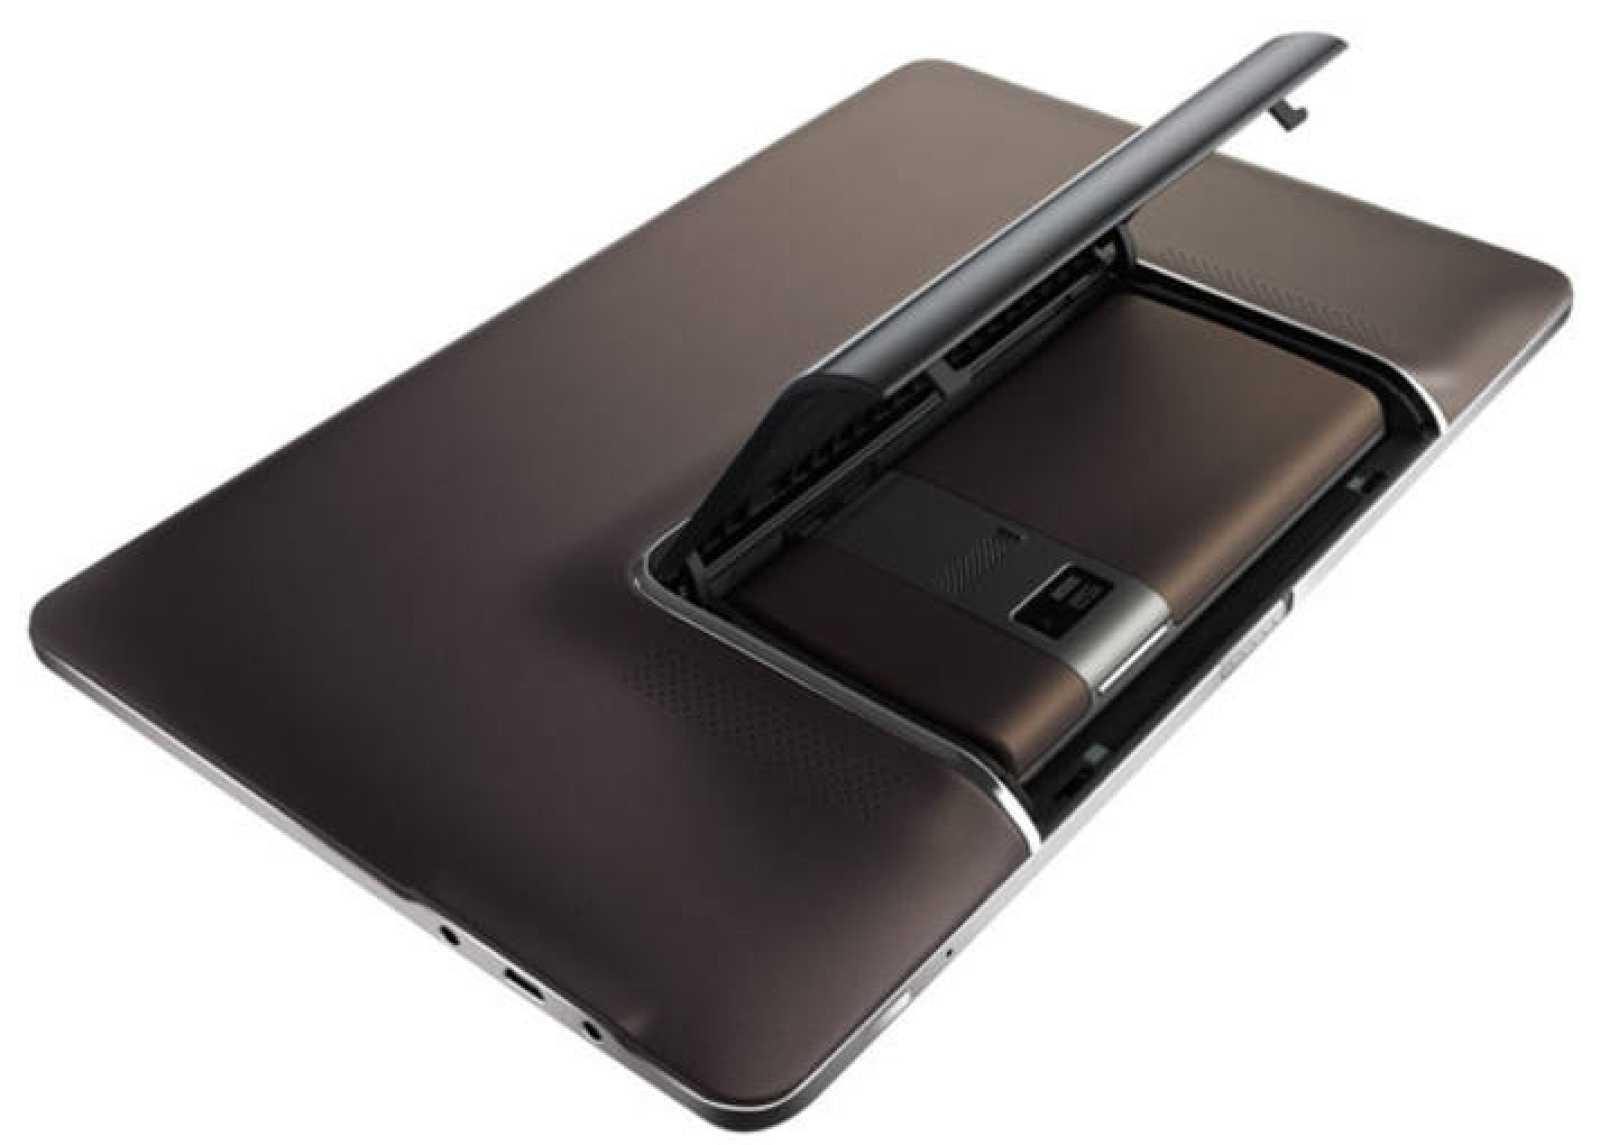 PadFone de Asus, teléfono inteligente + tableta